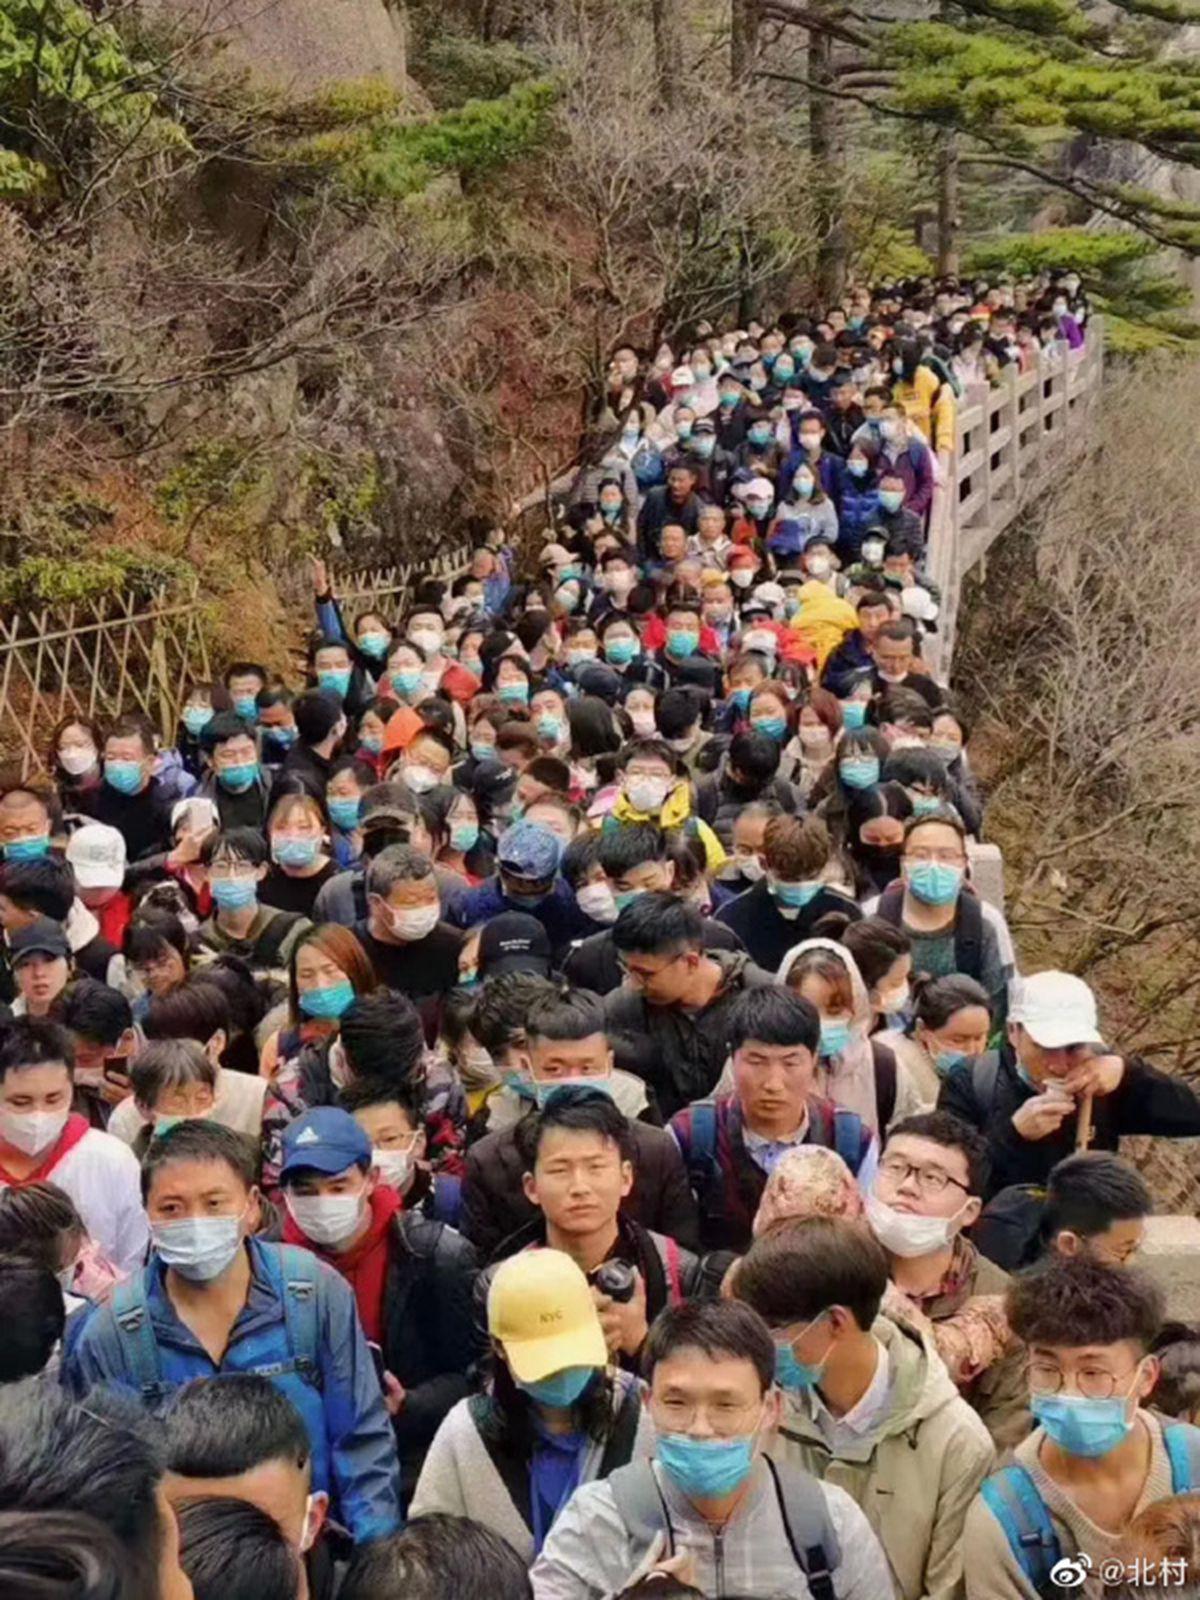 Khu du lịch Trung Quốc mở cửa miễn phí sau khi dịch Covid-19 được khống chế nhưng đã phải đóng cửa sau một ngày vì lượng khách quá tải - Ảnh 1.